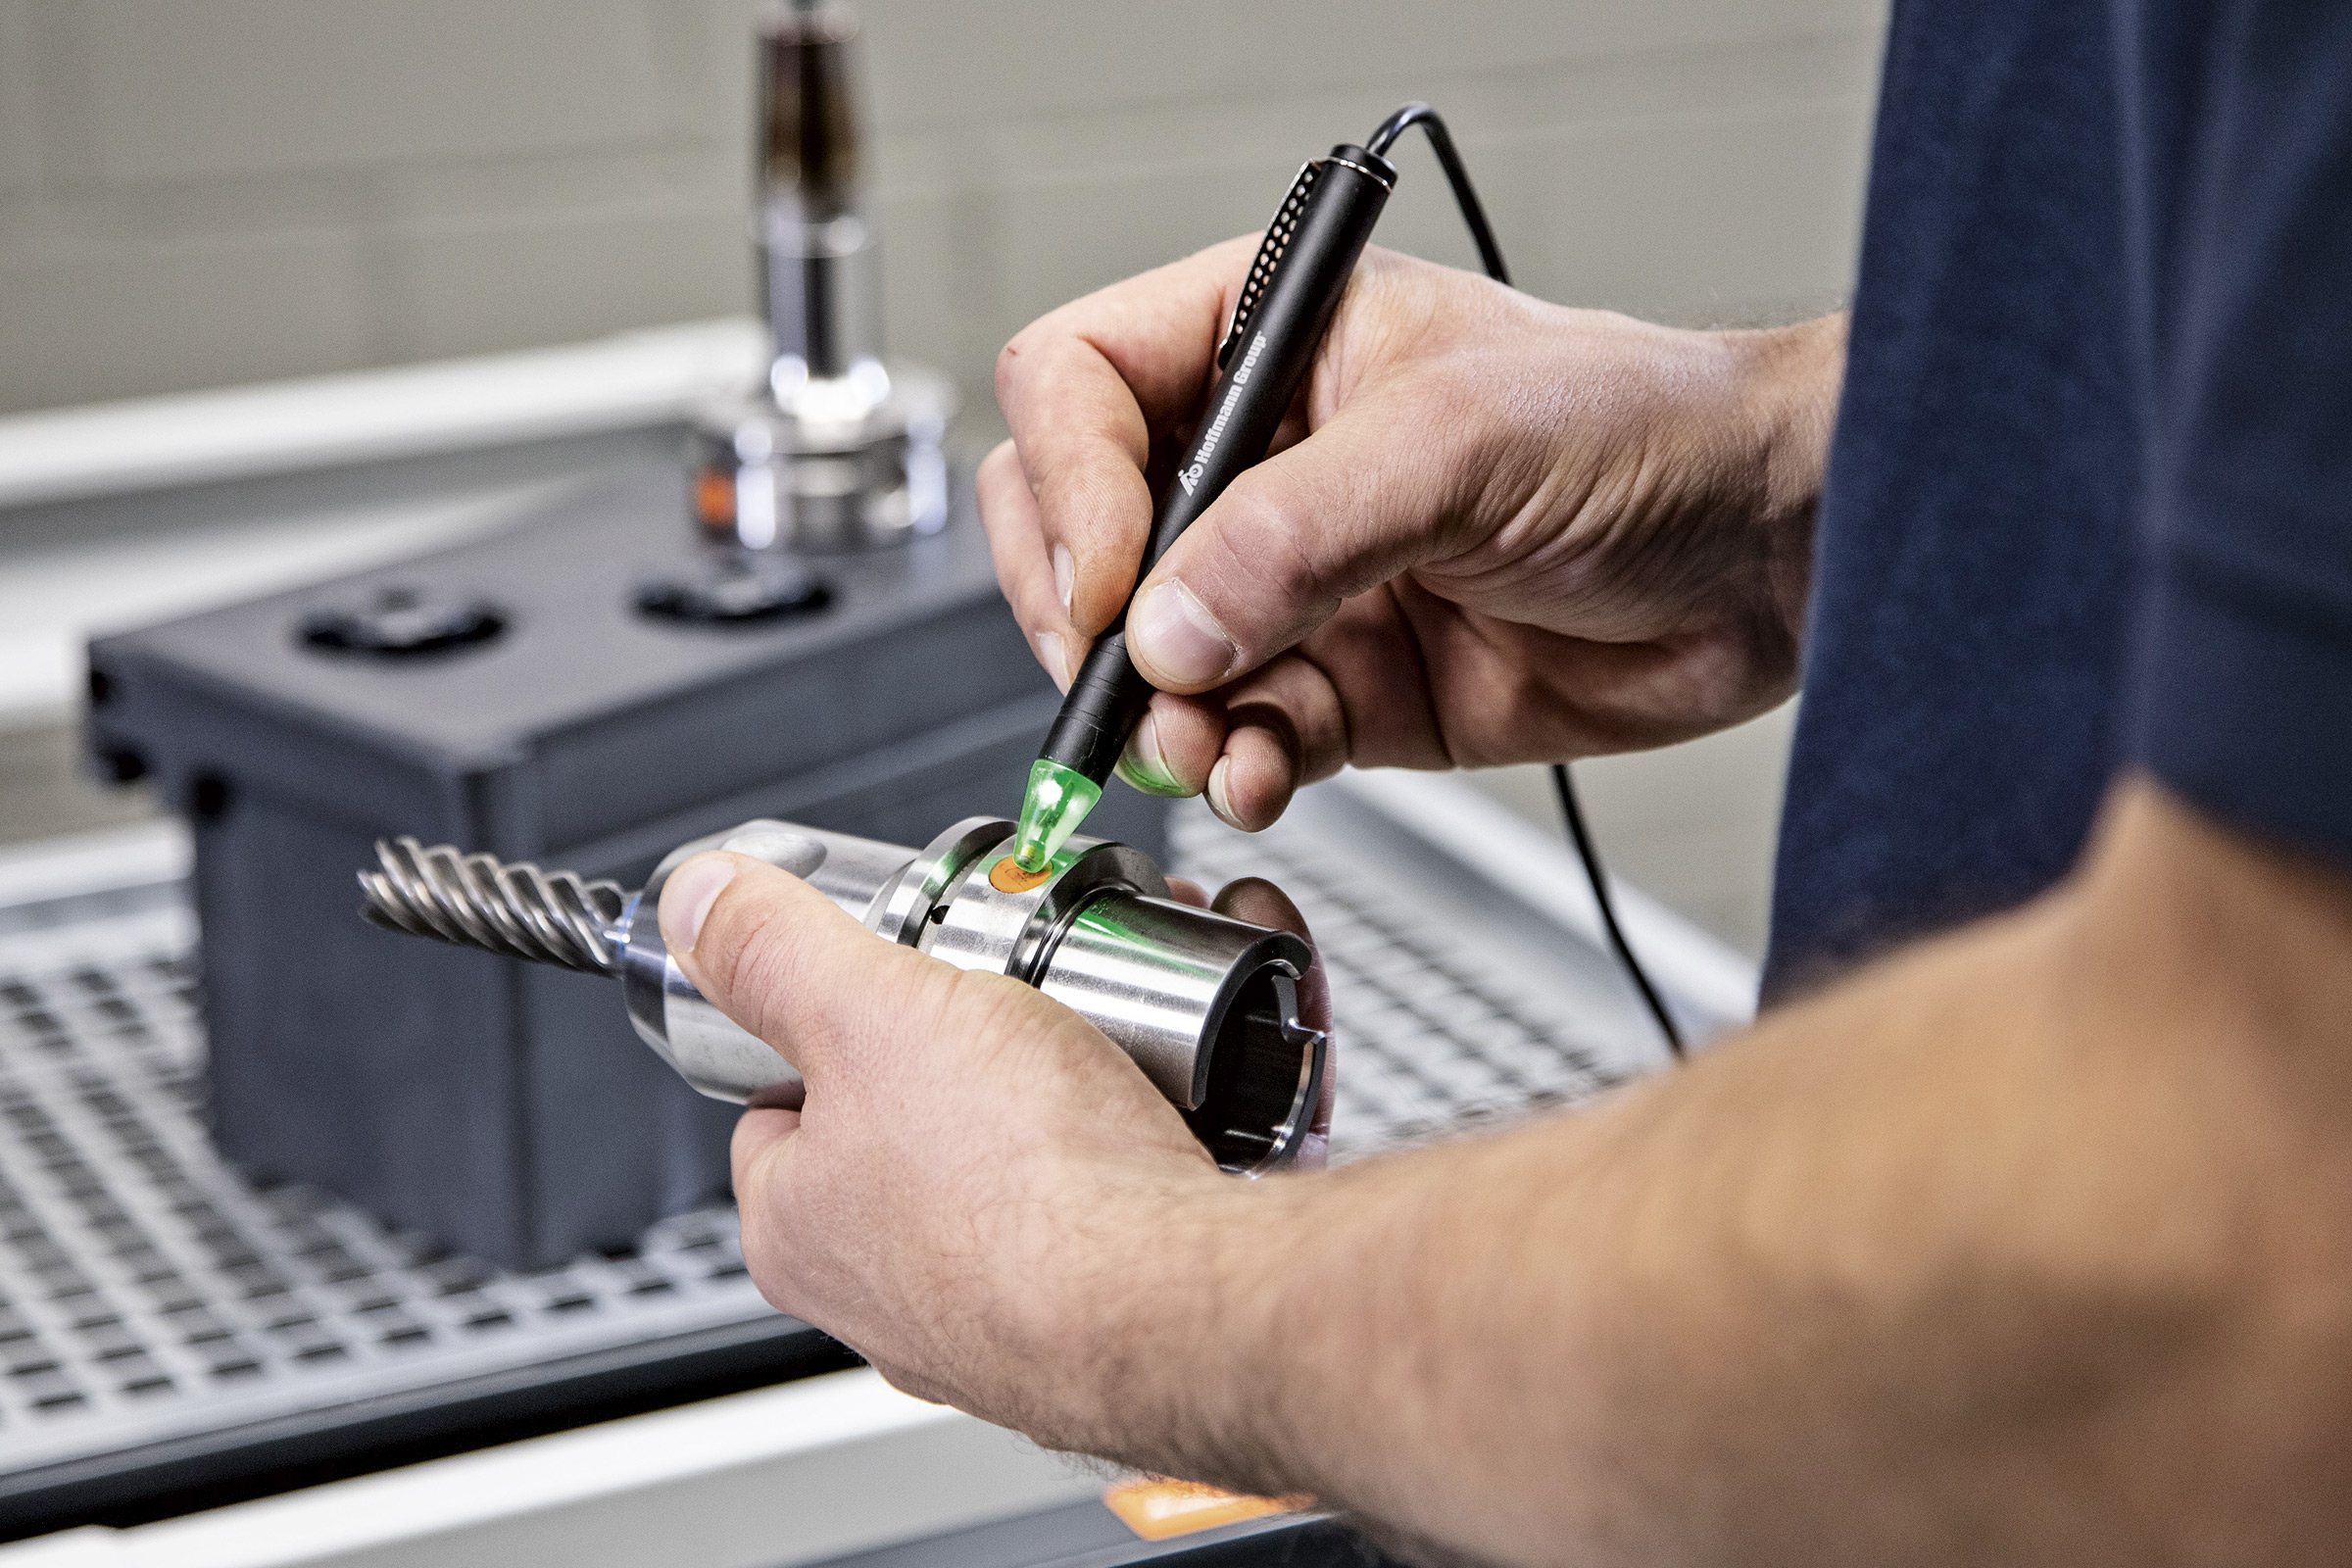 Werkzeuginformationen können per Scan schnell angezeigt und übermittelt werden. (Bild: Hoffmann SE)